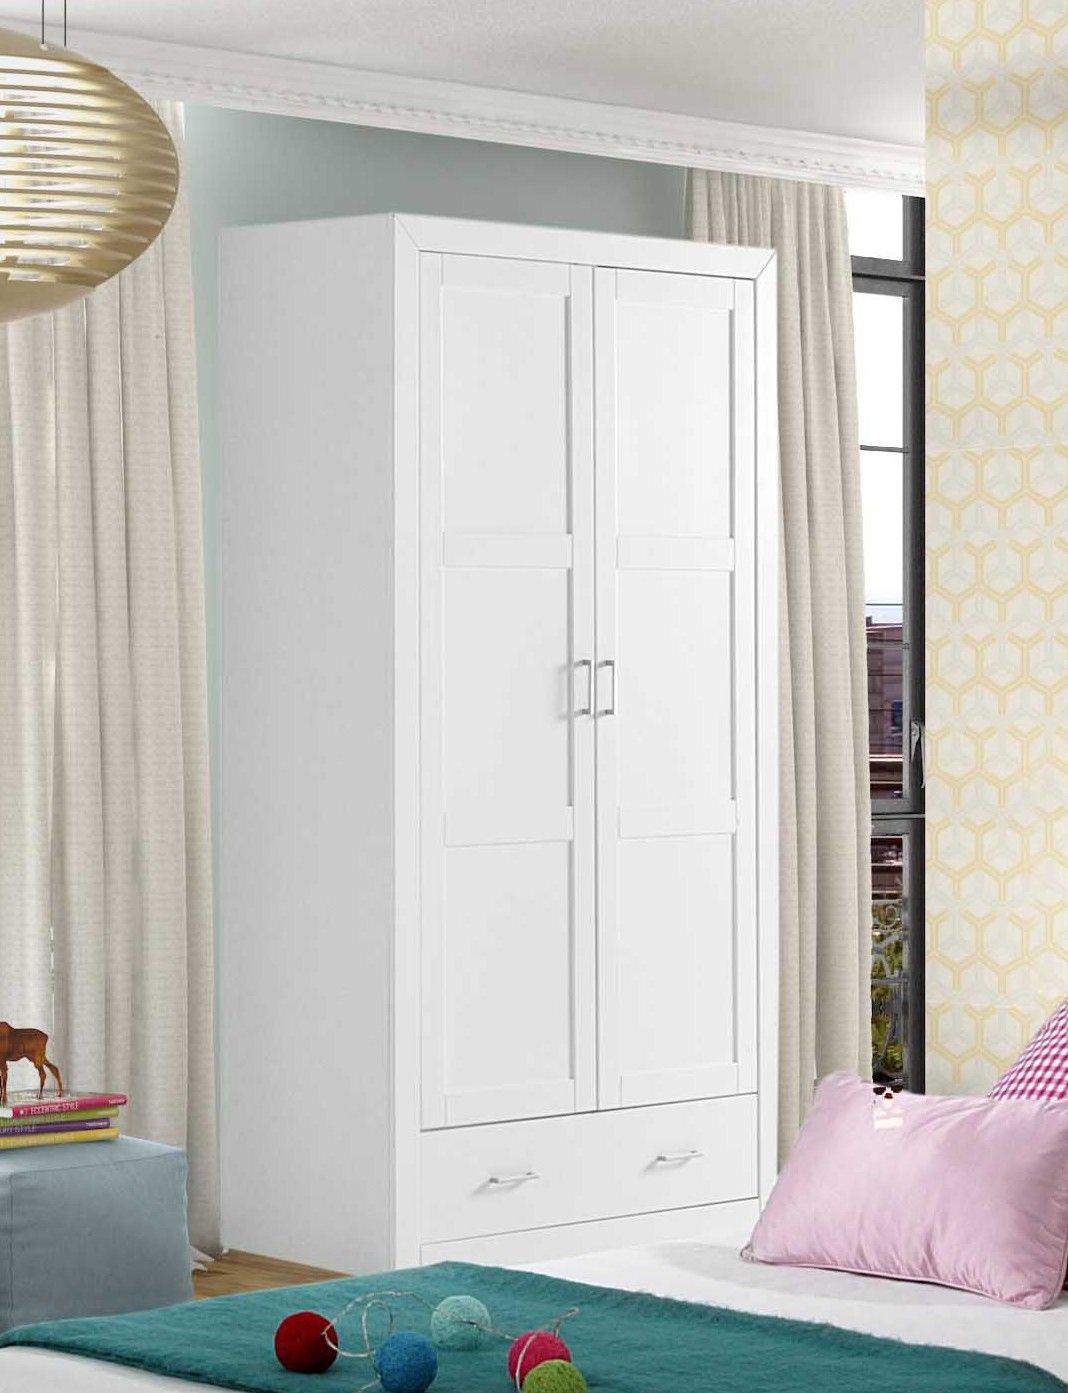 Armario de dos puertas interior fabricado en madera - Armarios dos puertas ...